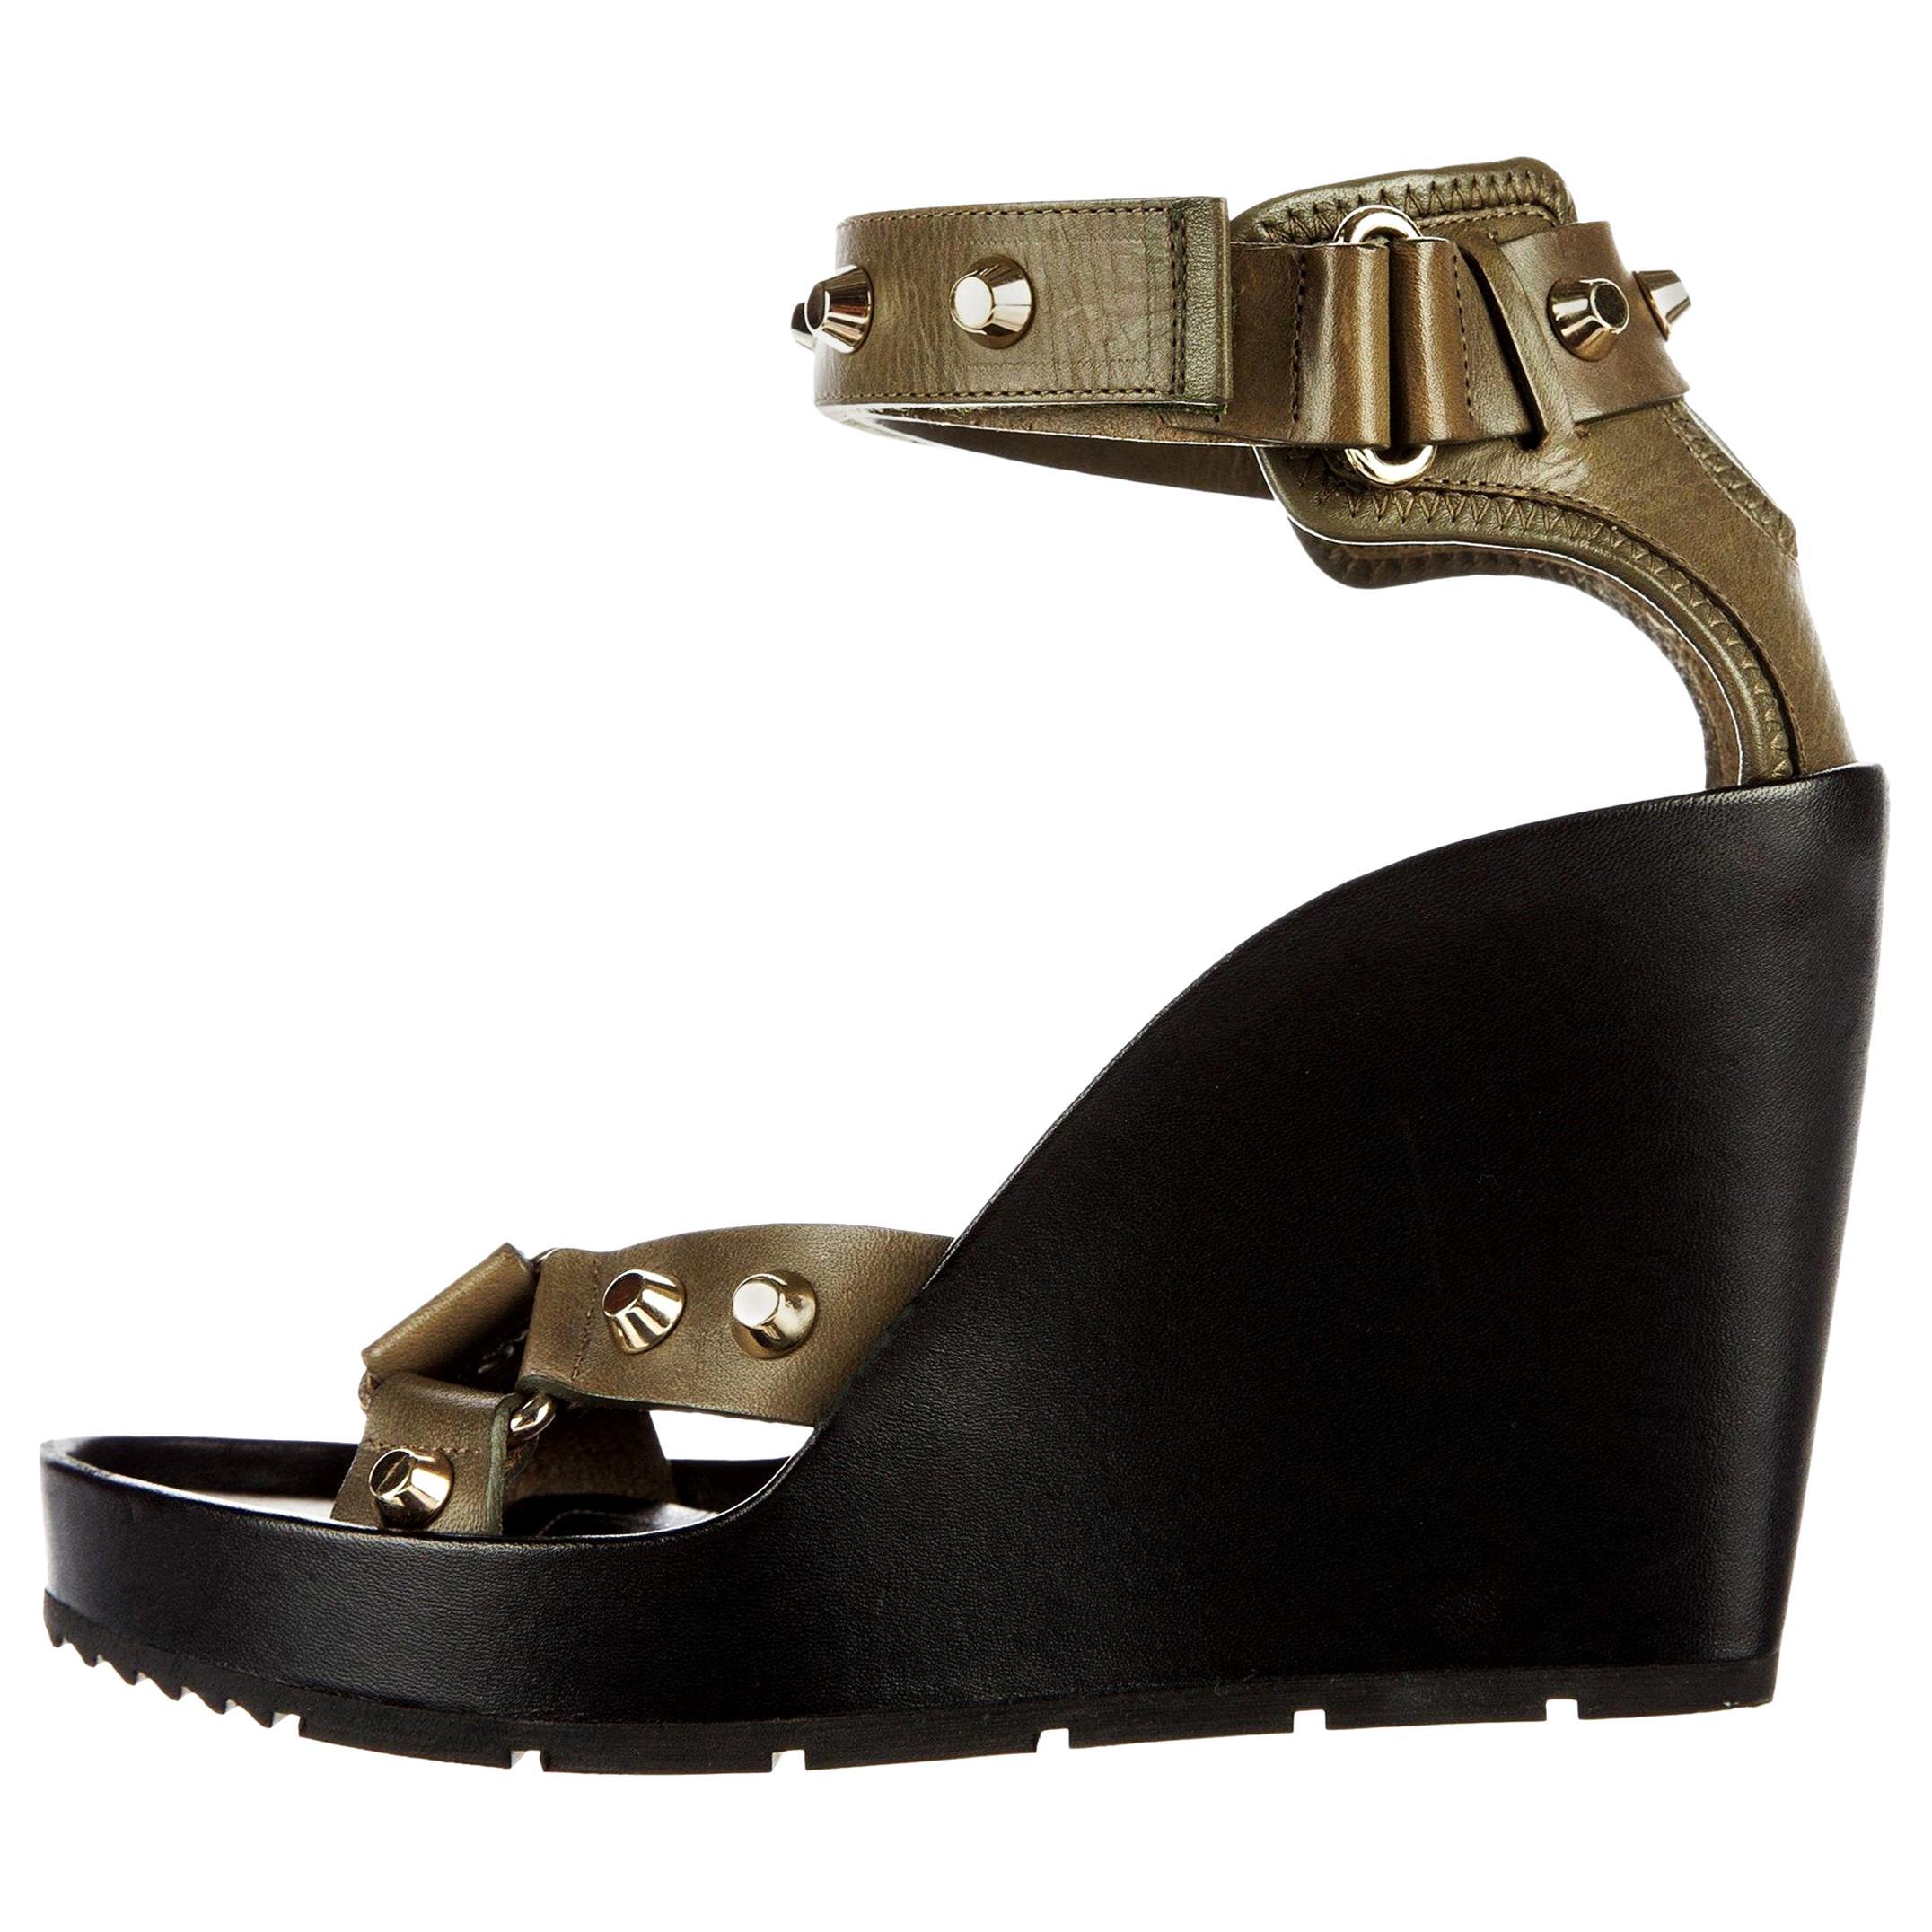 New Balenciaga Studded Platform Wedge Heels Sz 37.5